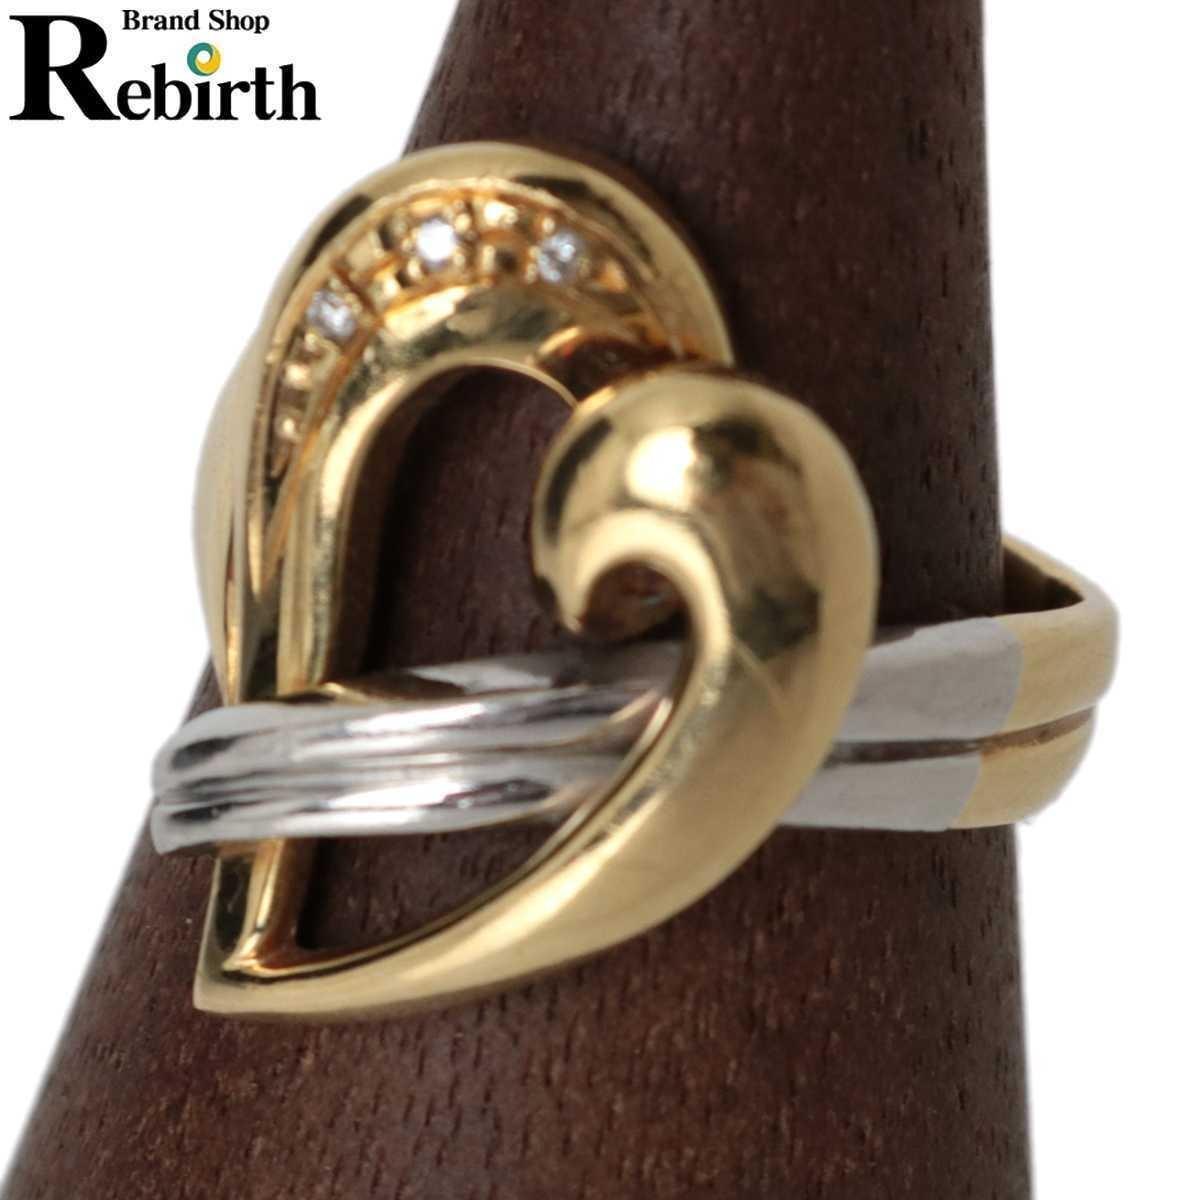 金プラチナコンビ ハートデザインリング 指輪 K18YG×Pt900×ダイヤモンド 0.015ct 13号 重量約6.5g NT_画像1